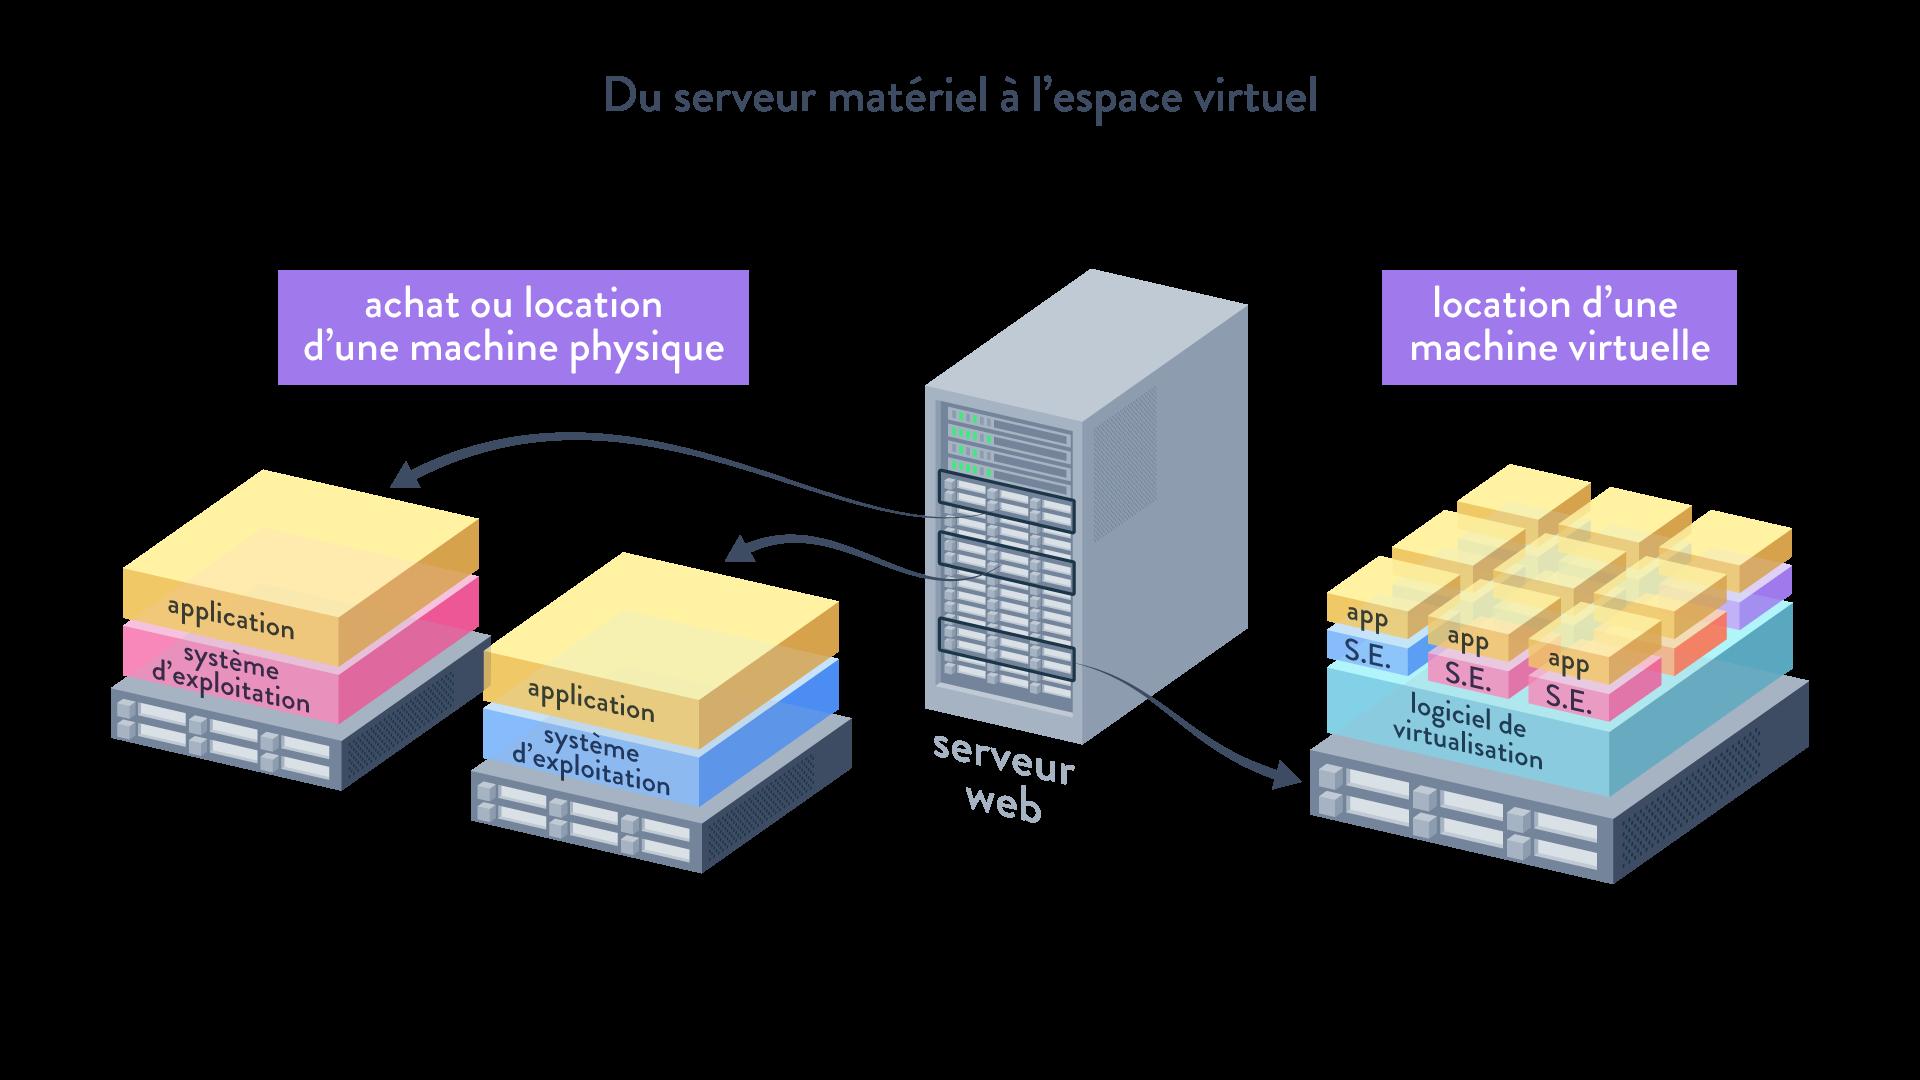 serveur matériel espace virtuel achat location machine physique location machine virtuelle systèlme d'exploitation application logiciel de virtualisation serveur web